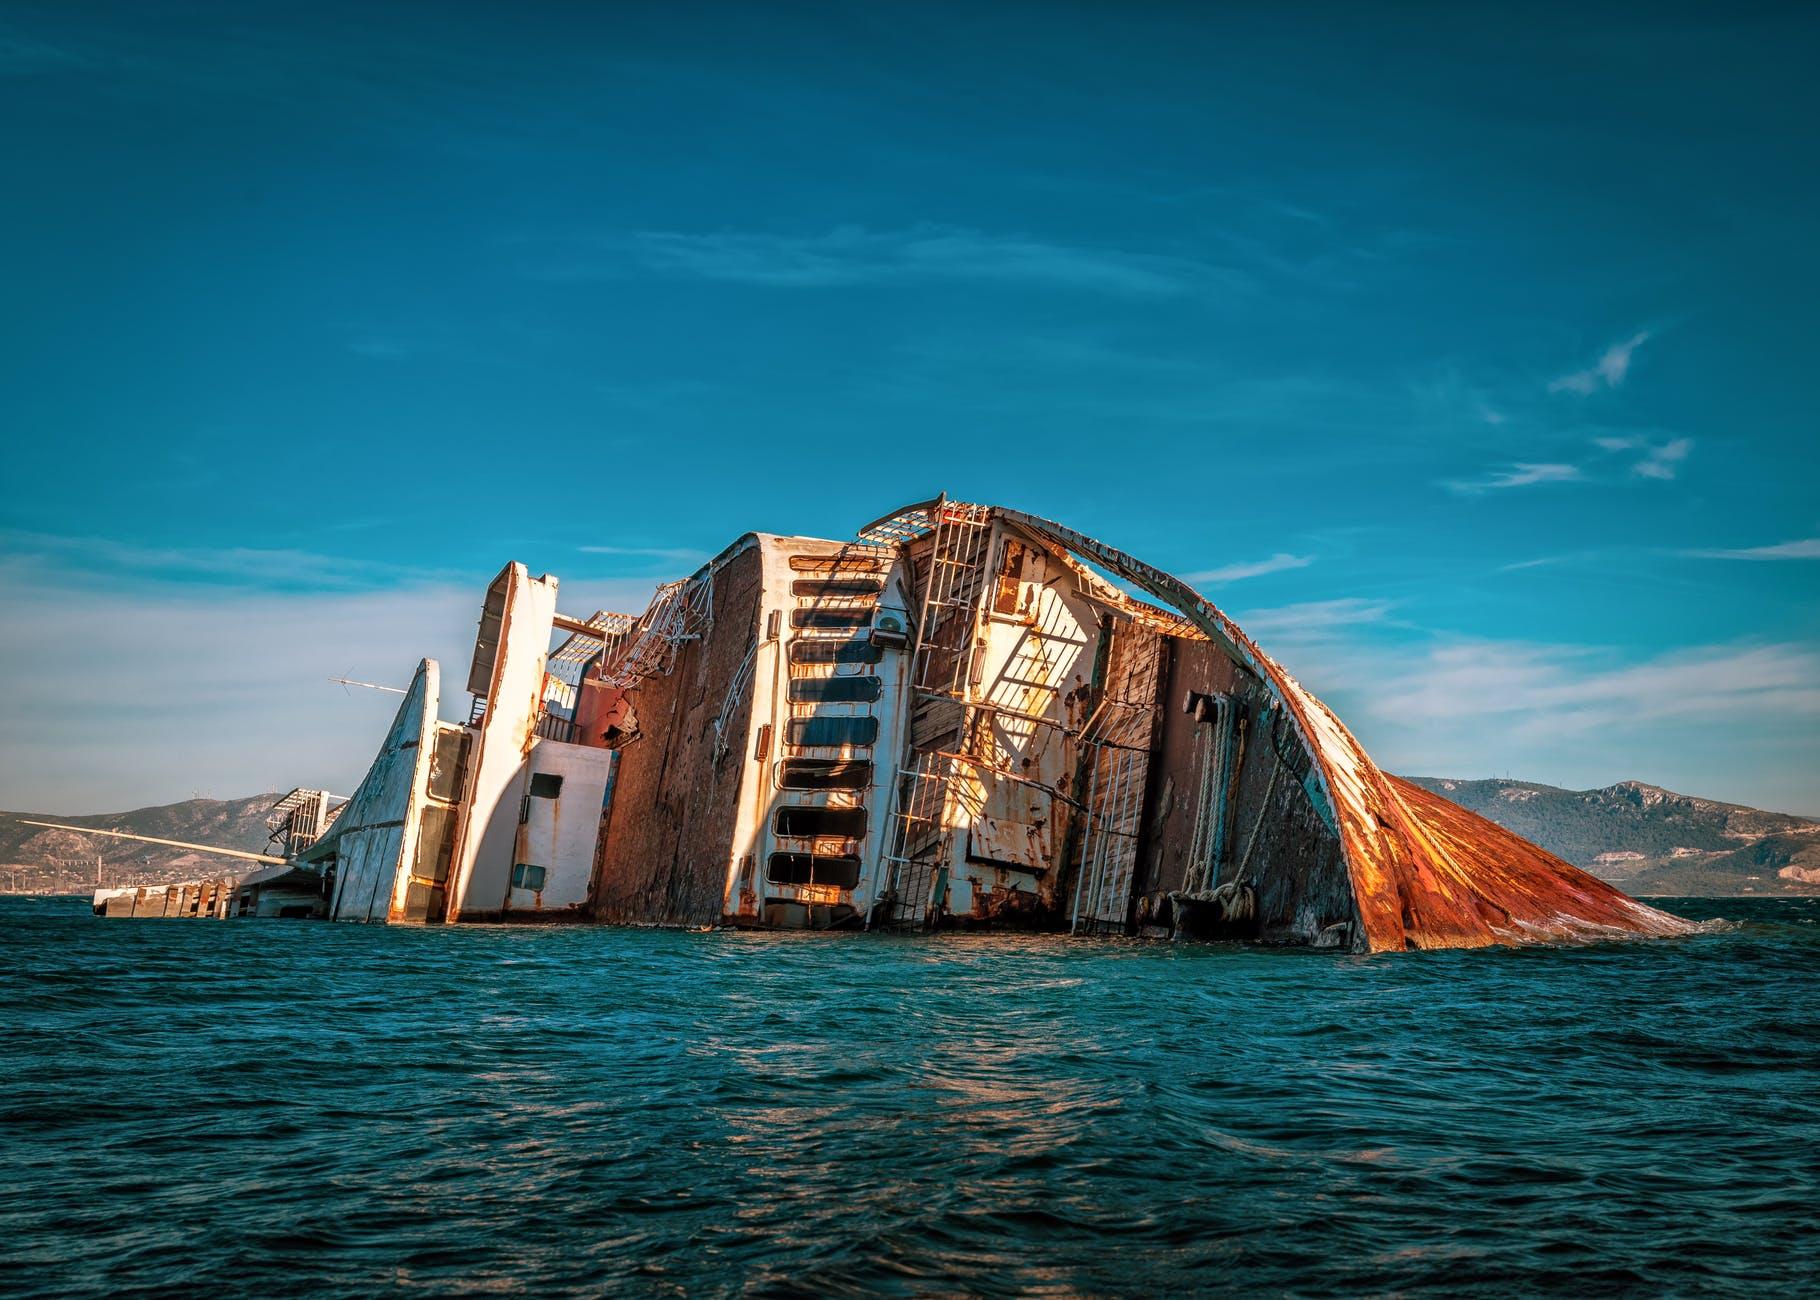 Ilustrasi kapal yang diterjang ombak. (Foto:Pexels/Tugu Jatim)